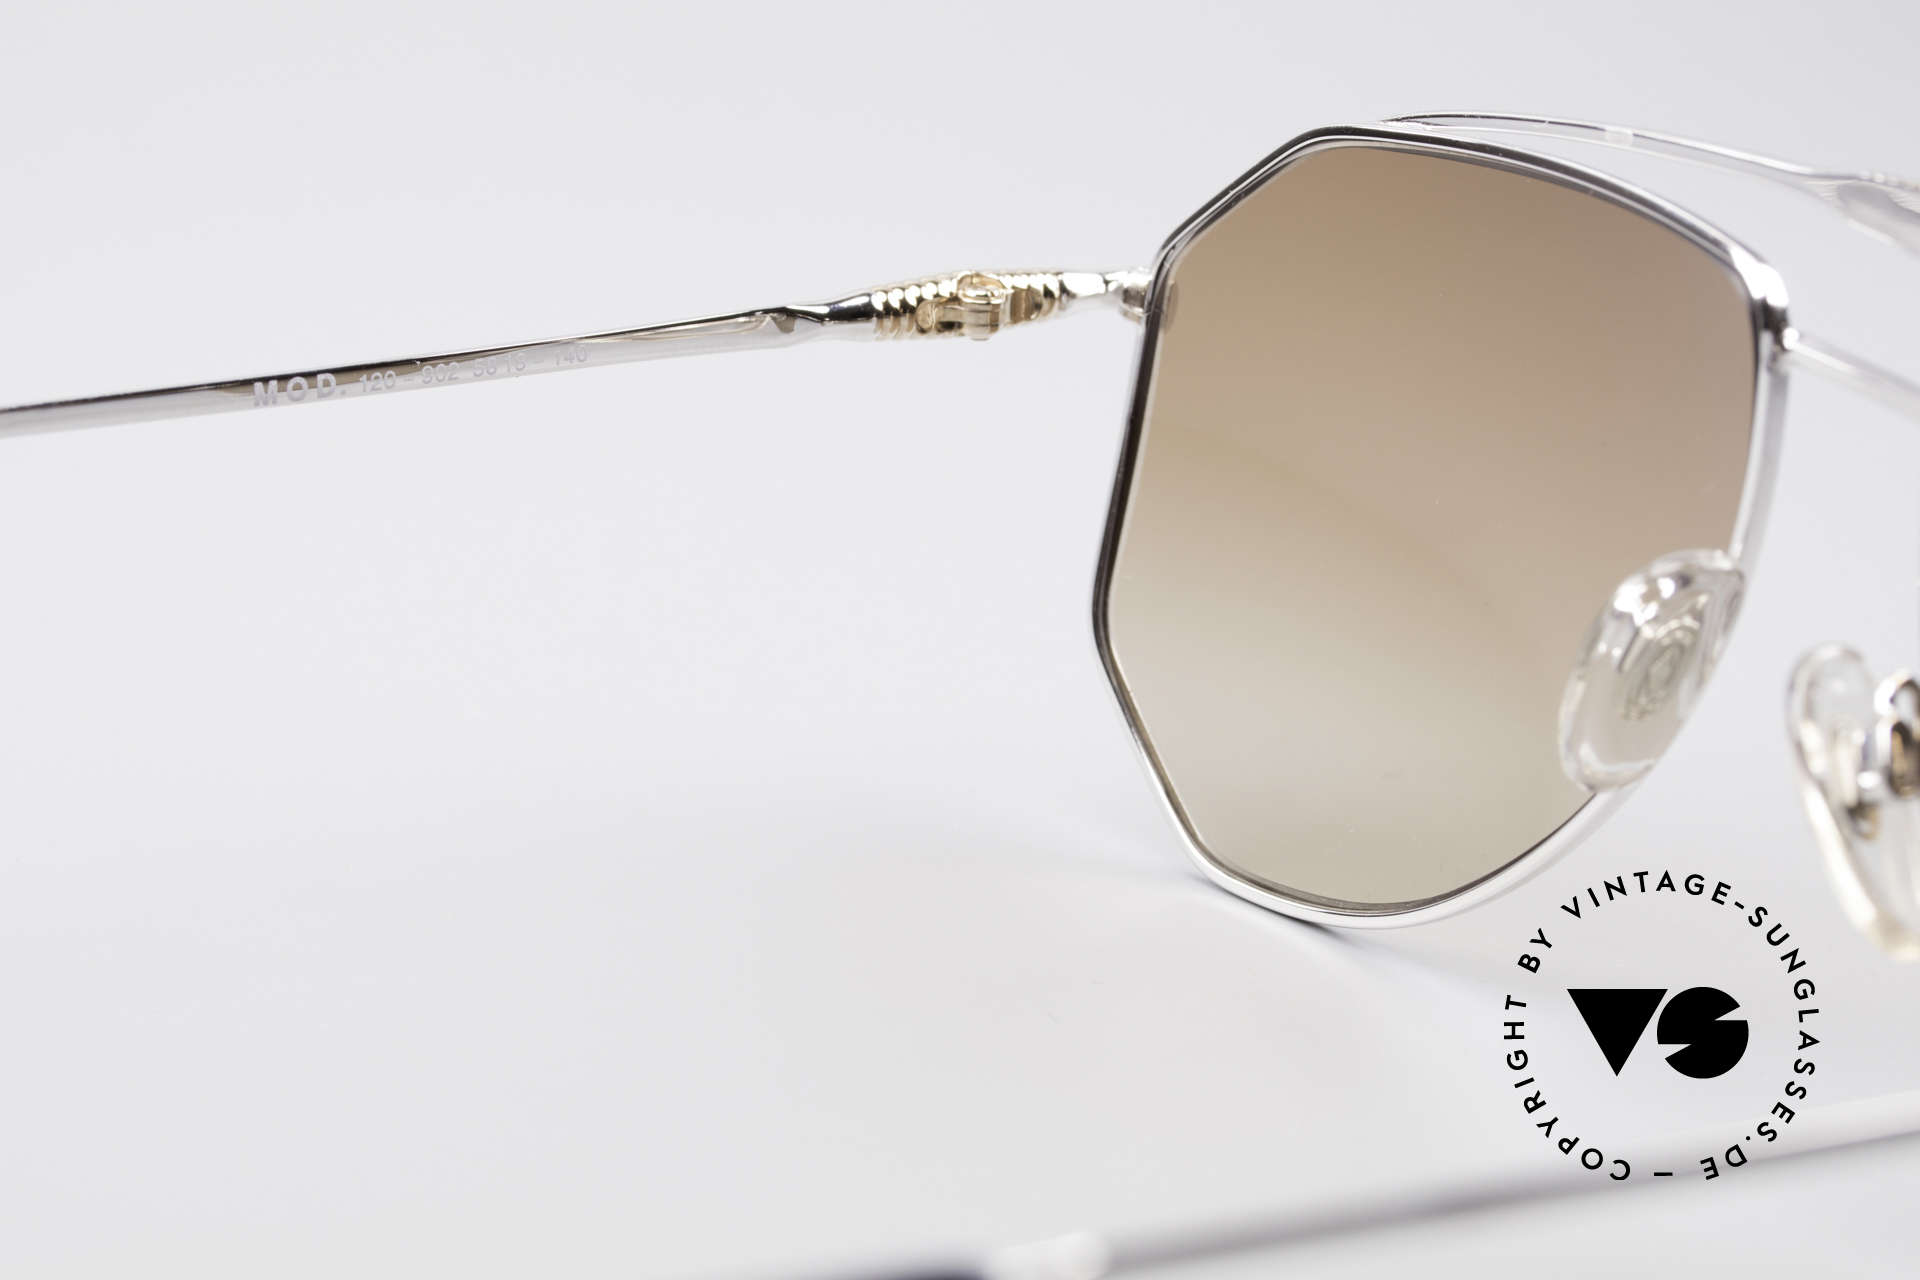 Zollitsch Cadre 120 Large 80er Sonnenbrille, silberne Fassung mit Sonnengläsern in rehbraun Verlauf, Passend für Herren